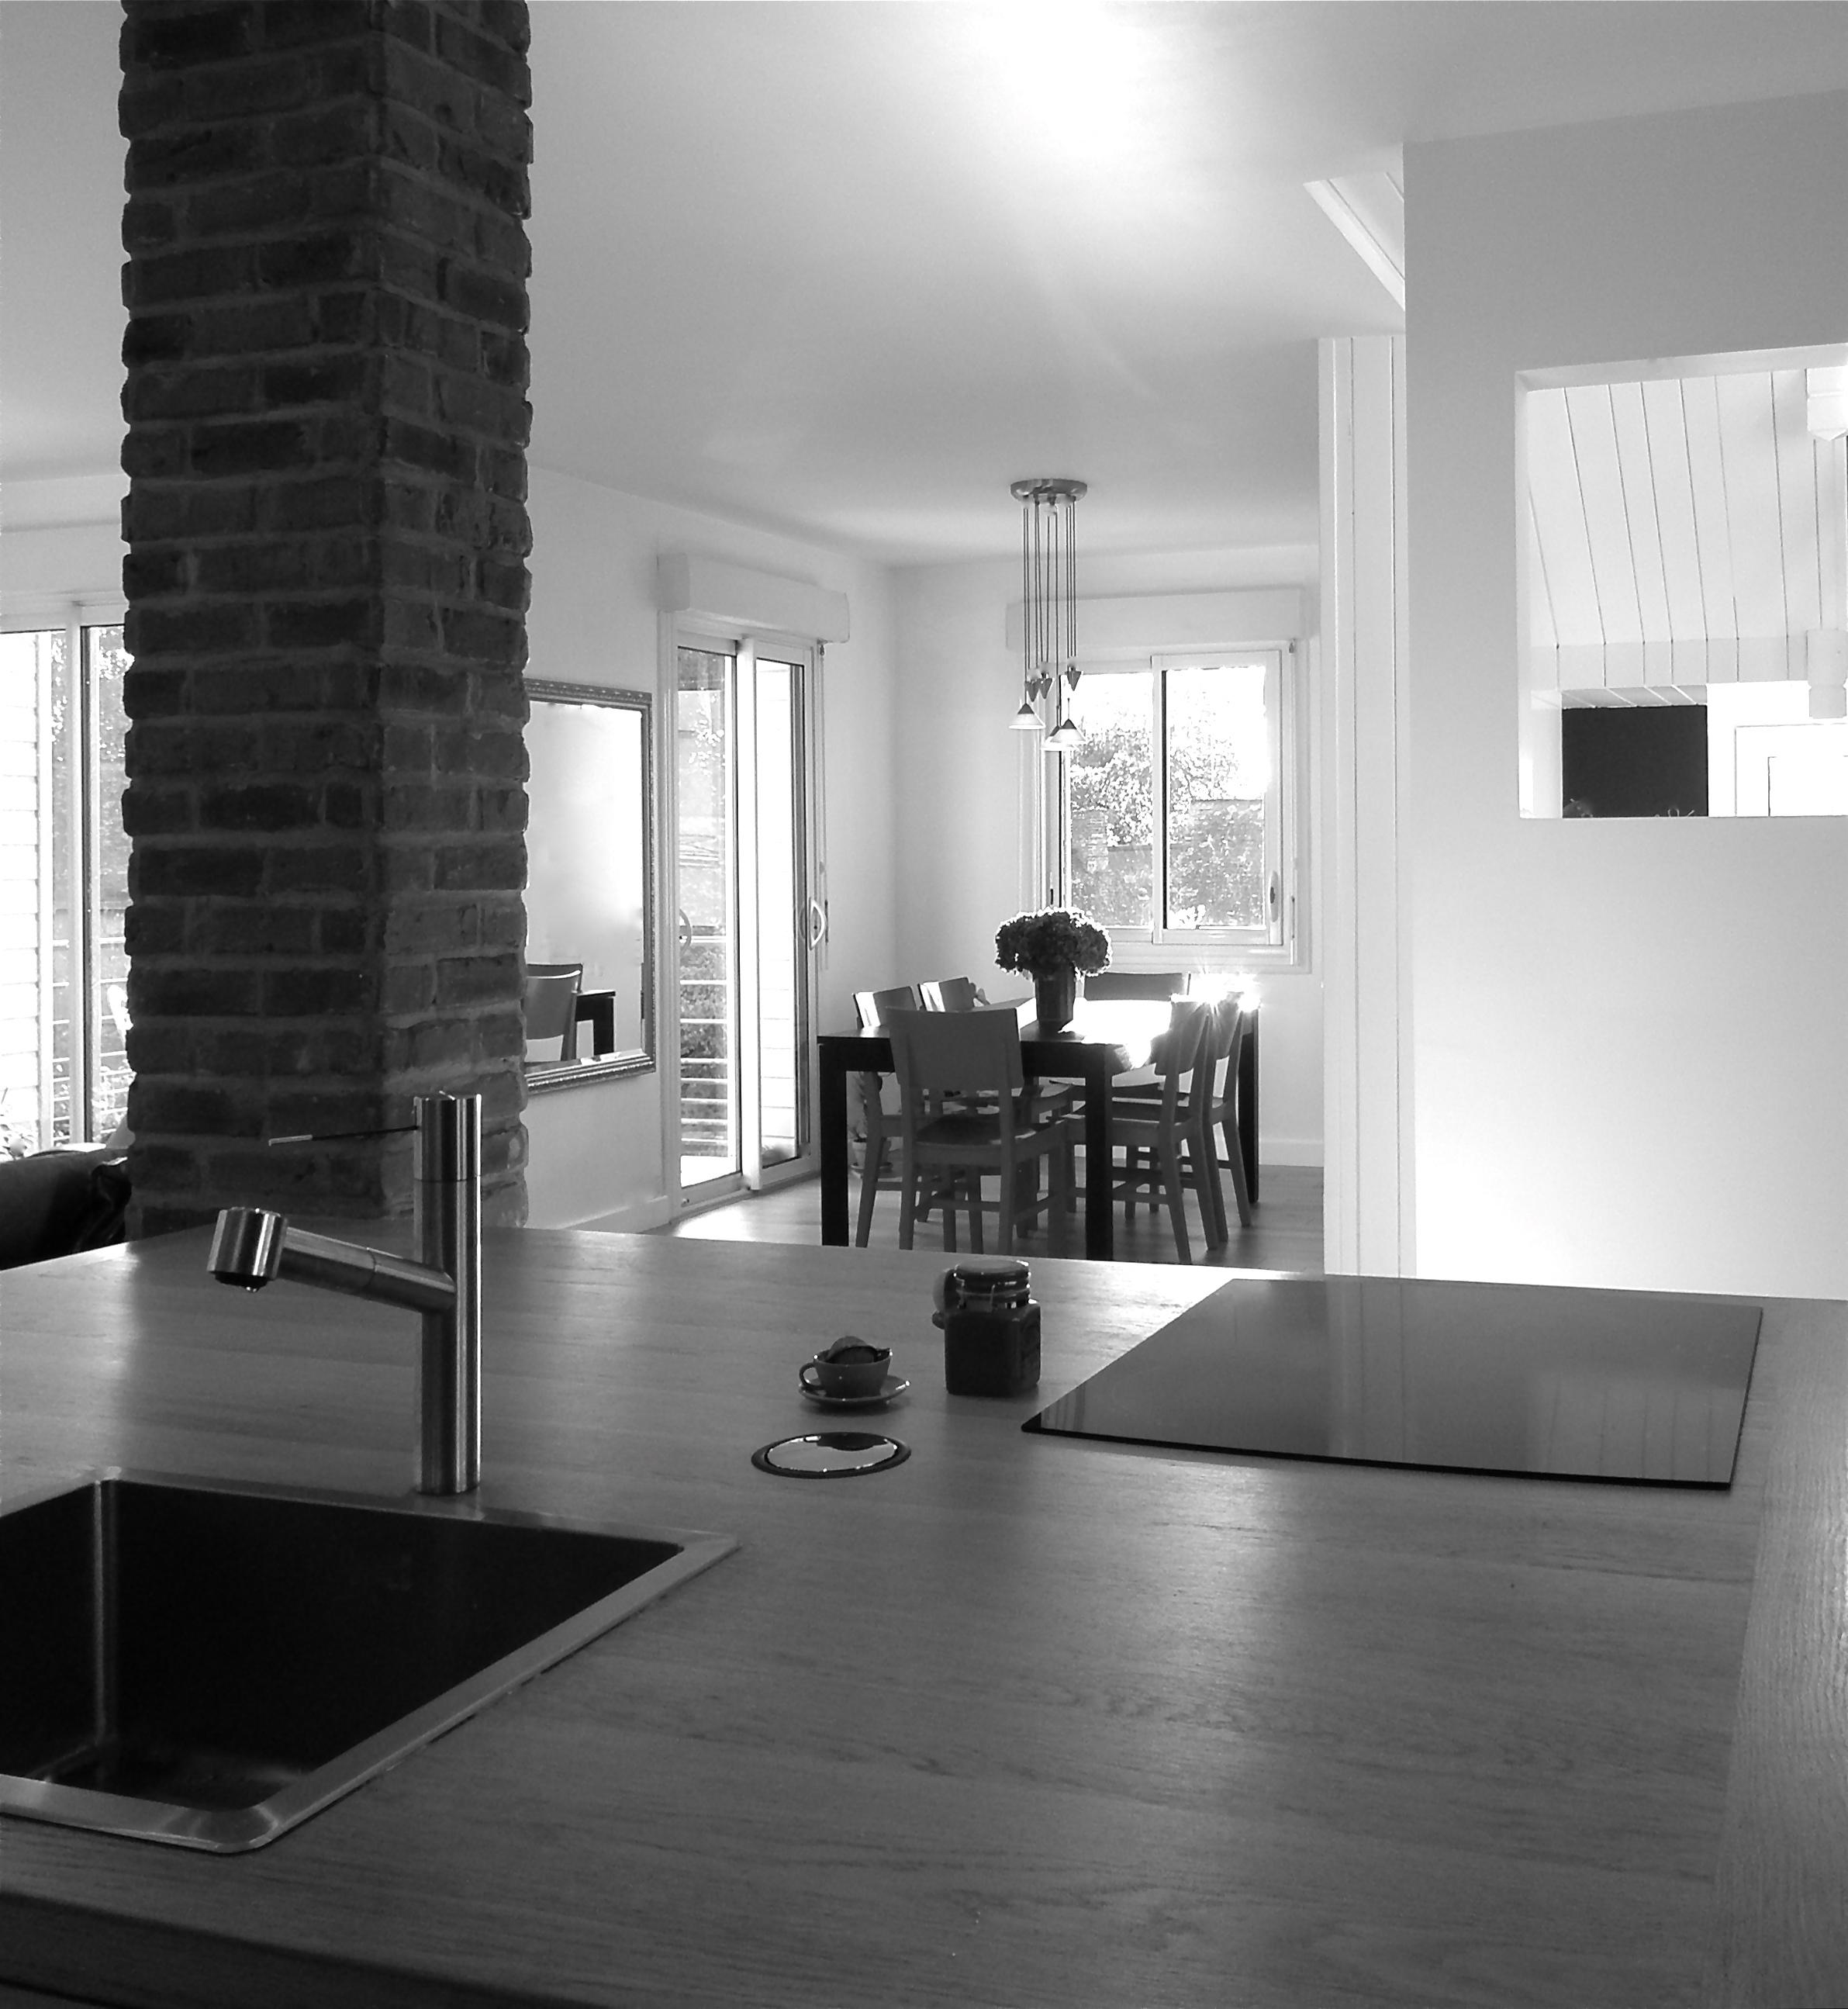 beno t chateau d corateur d 39 int rieur designer d. Black Bedroom Furniture Sets. Home Design Ideas